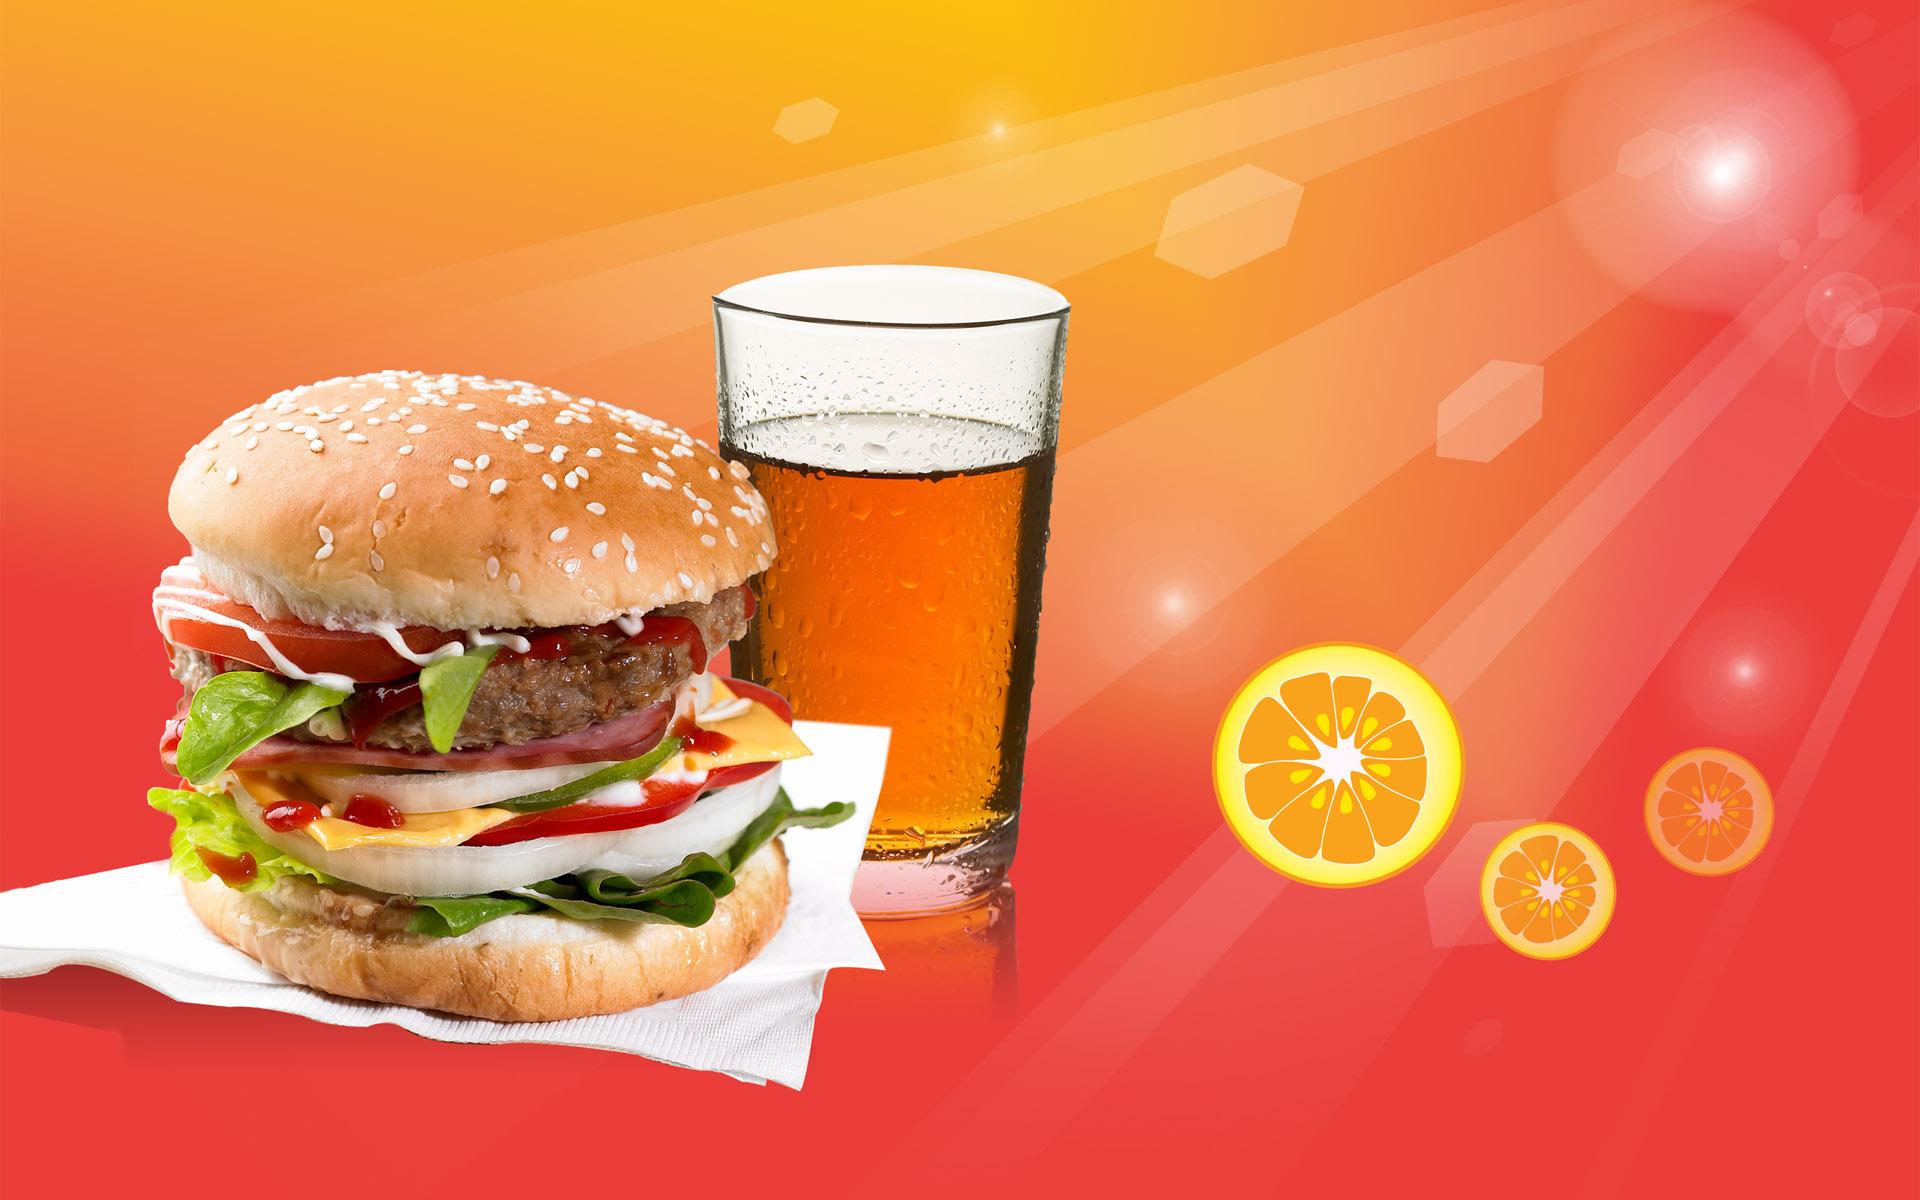 Hd wallpaper cute - Fondos De Pantalla Bebida Hamburguesa T 233 Comida R 225 Pida